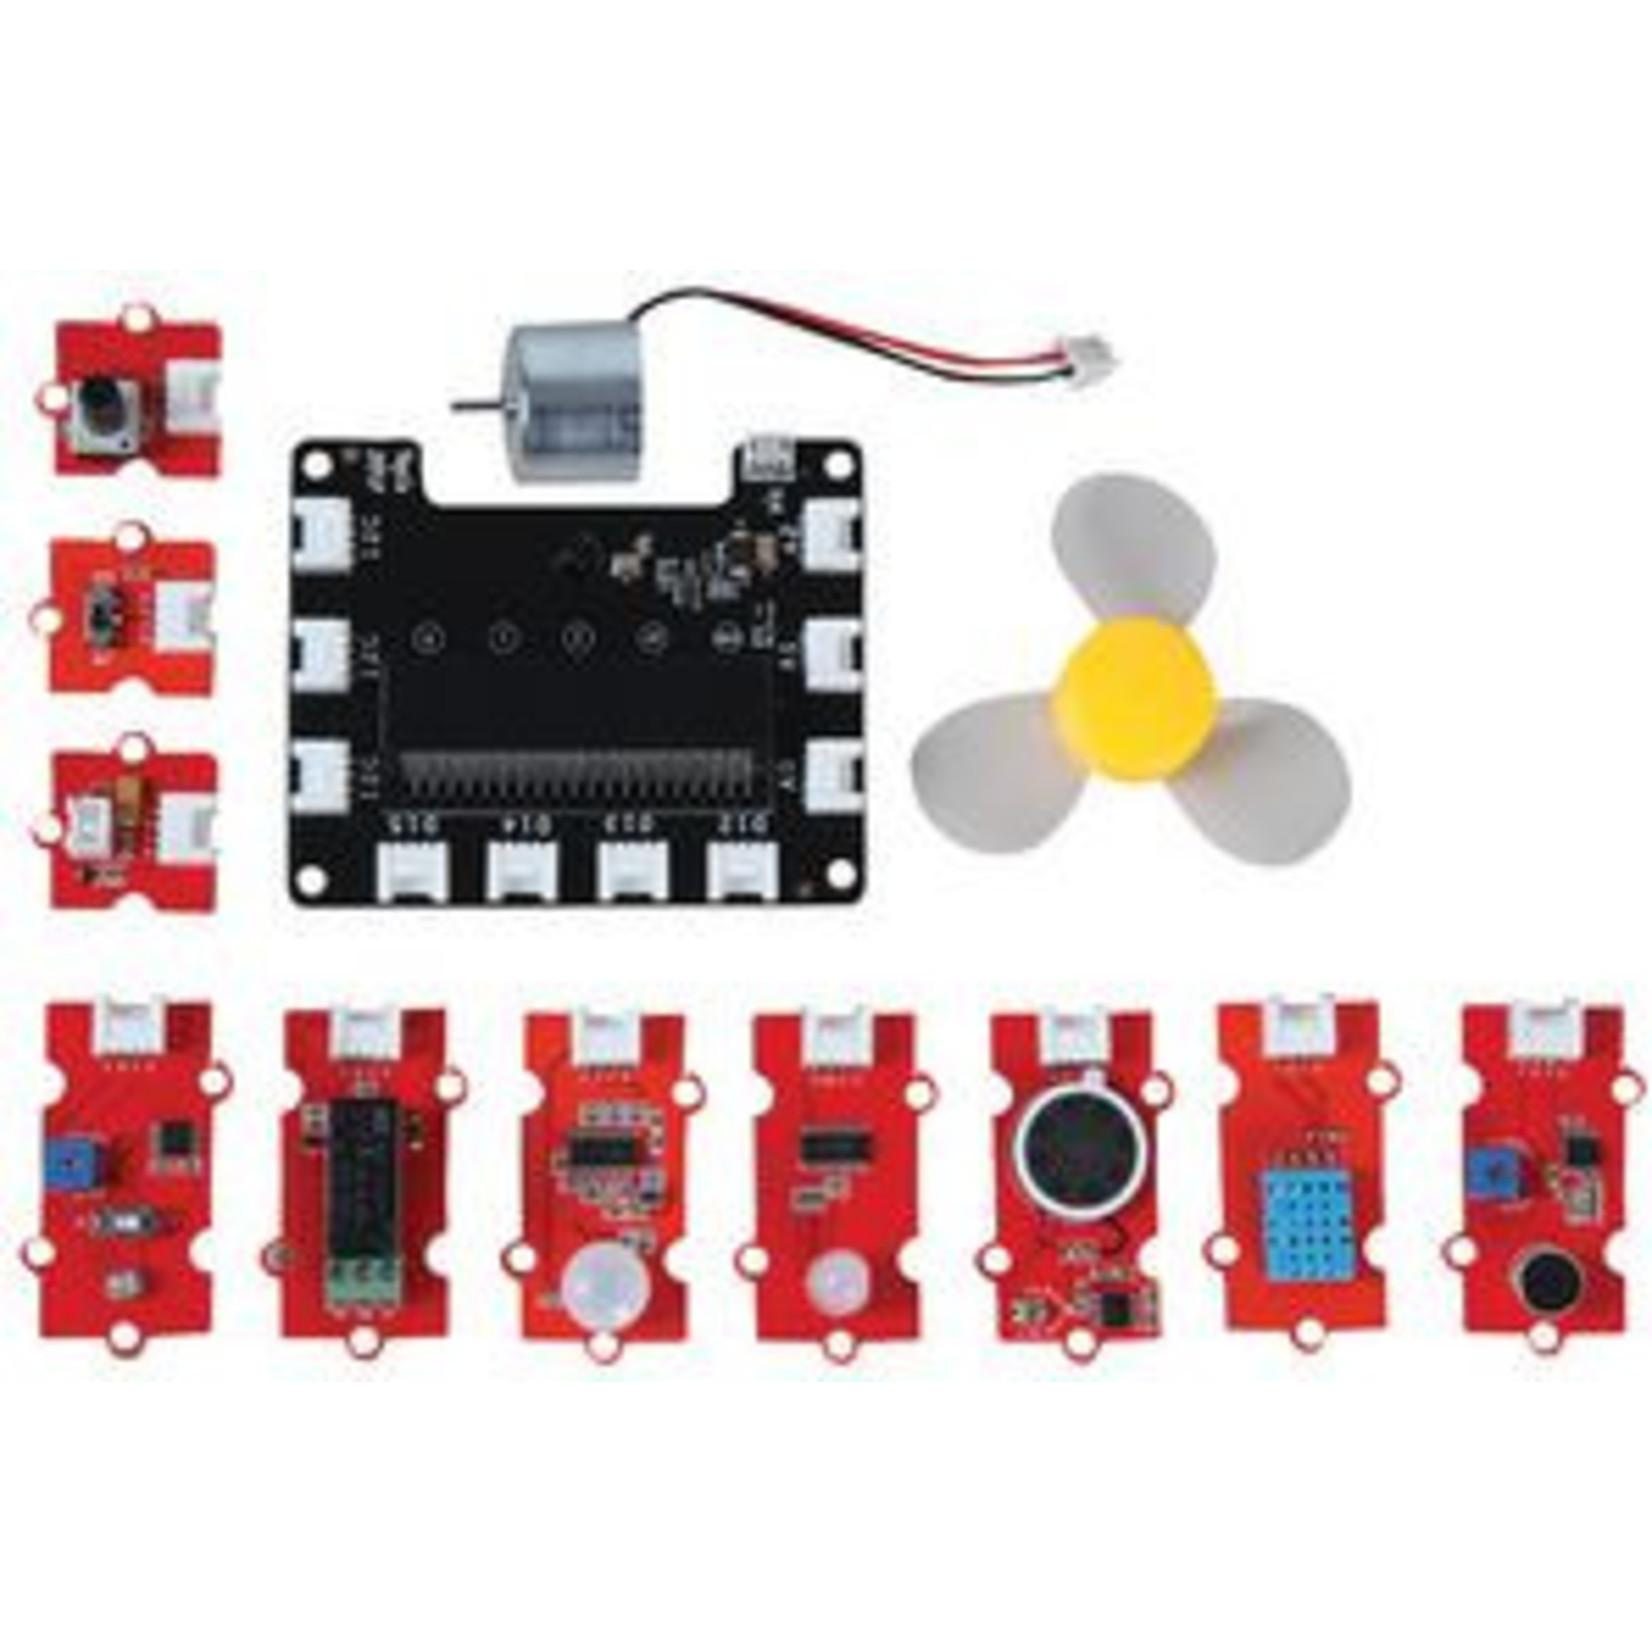 mi:node Ontwikkelkit voor micro:bit, 10 x sensormodules